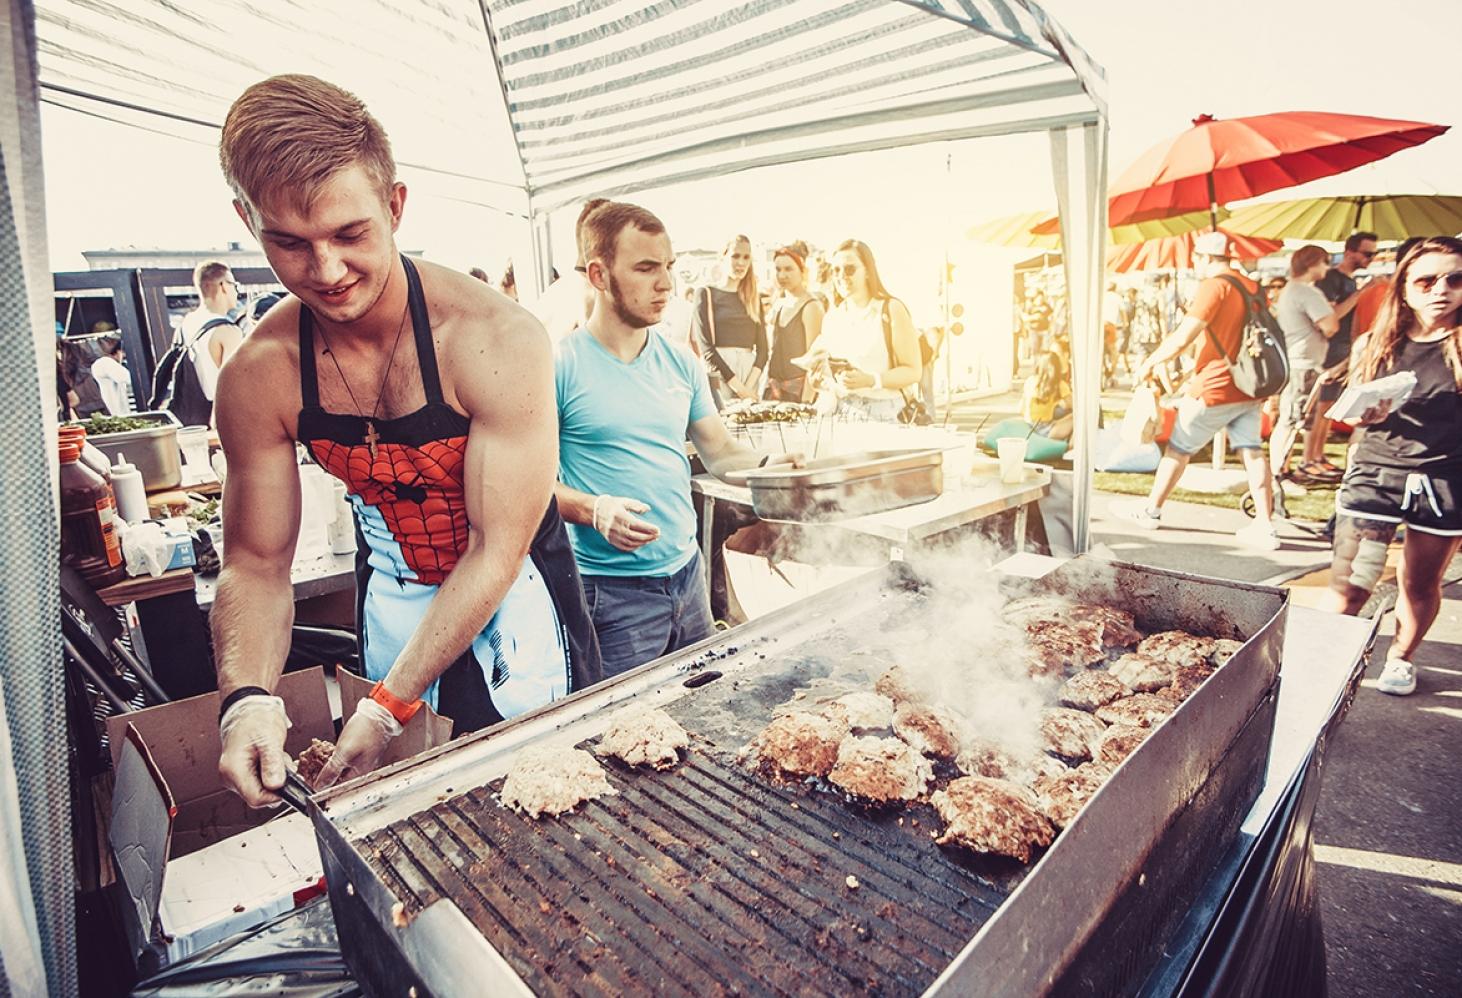 Гастрономический фестиваль «О, да! Еда!» в Москве 05.08.2017-06.08.2017